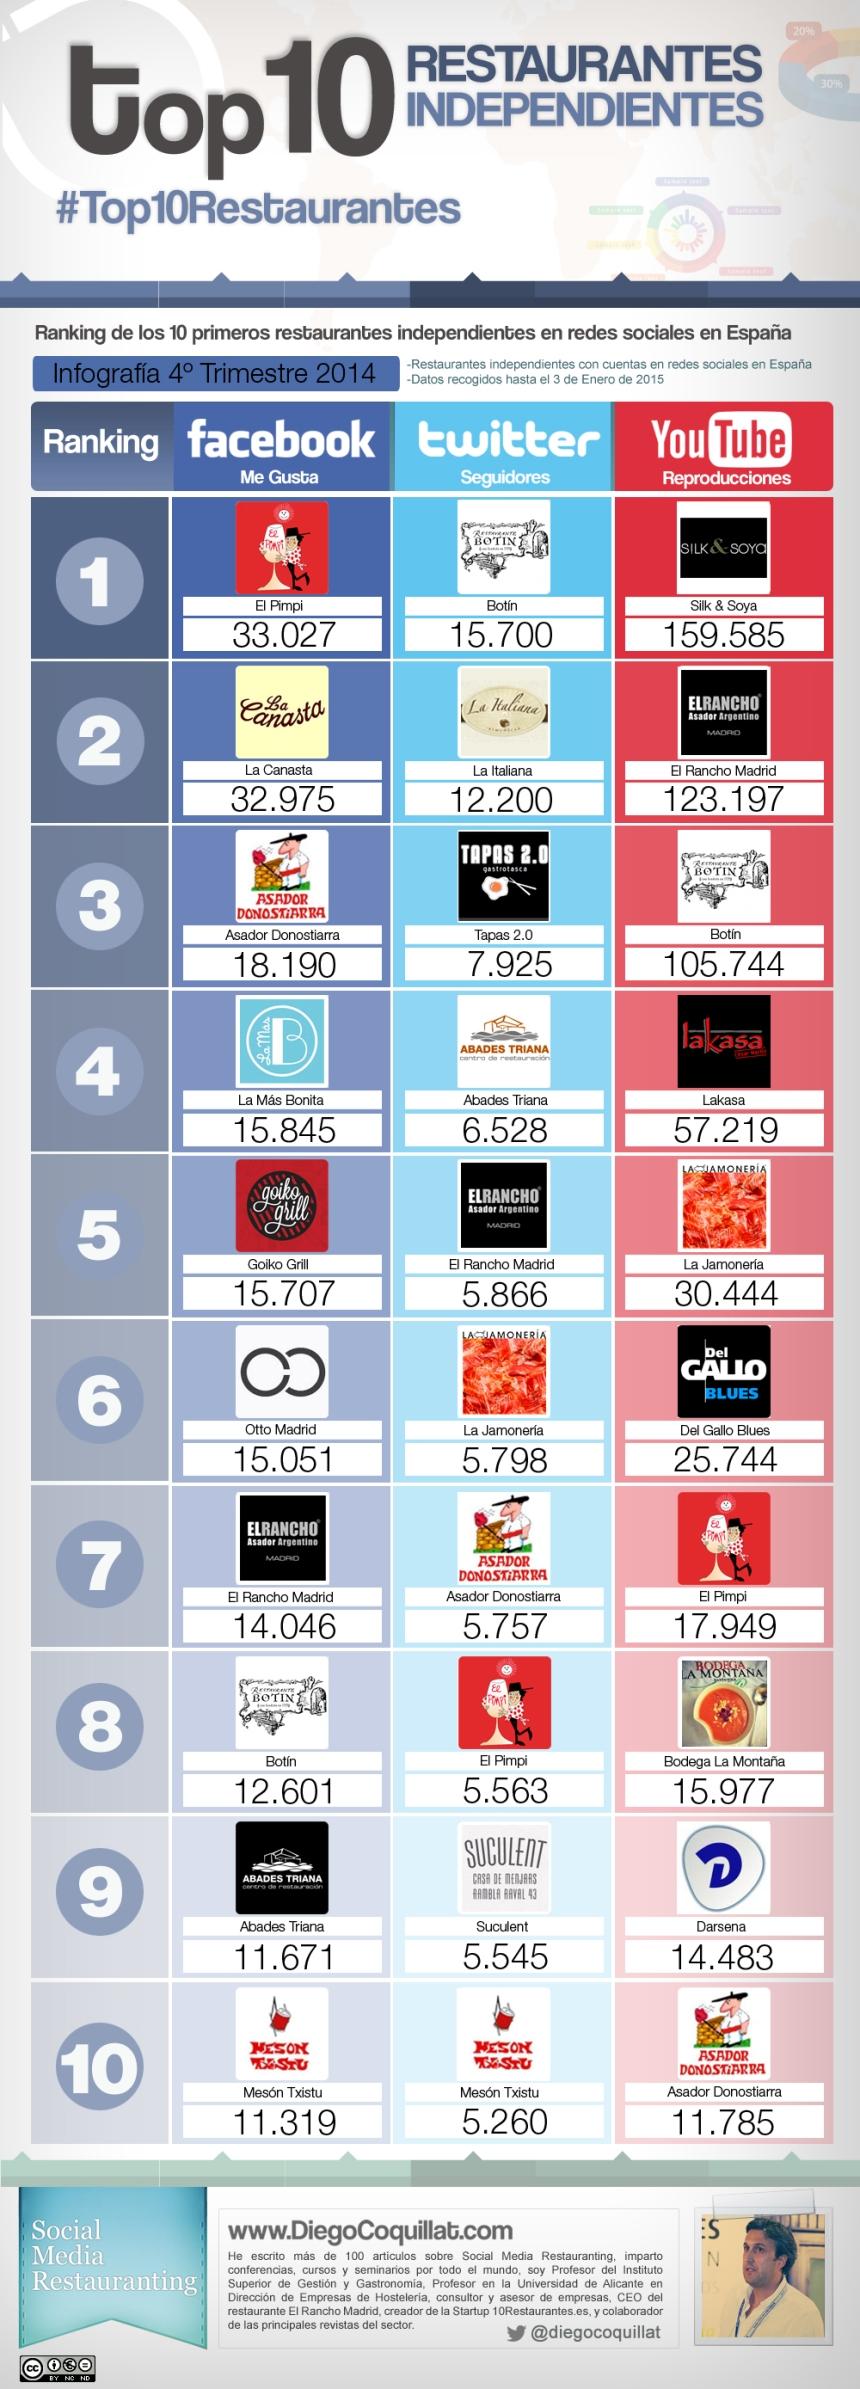 Top 10 restaurantes independientes en Redes Sociales España (4T/2014)